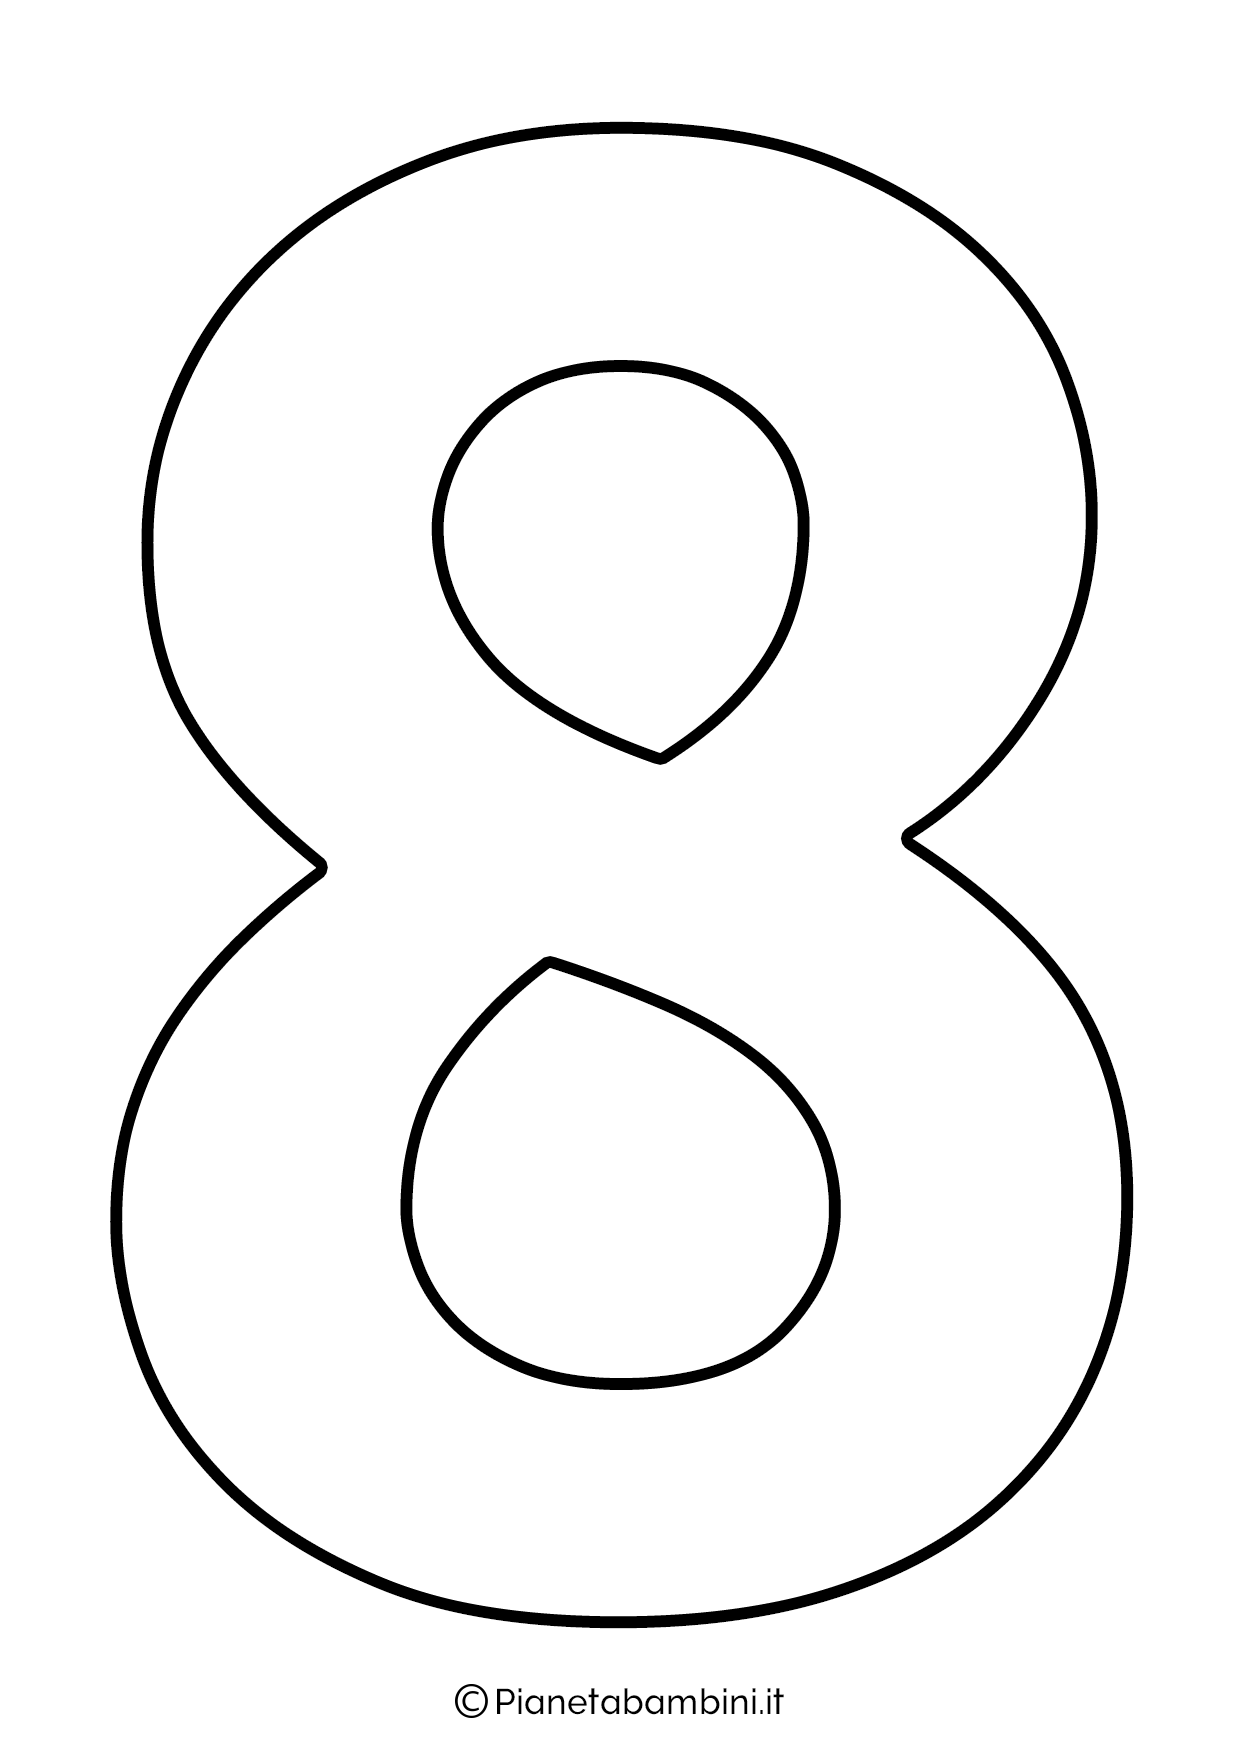 Numero 8 da stampare